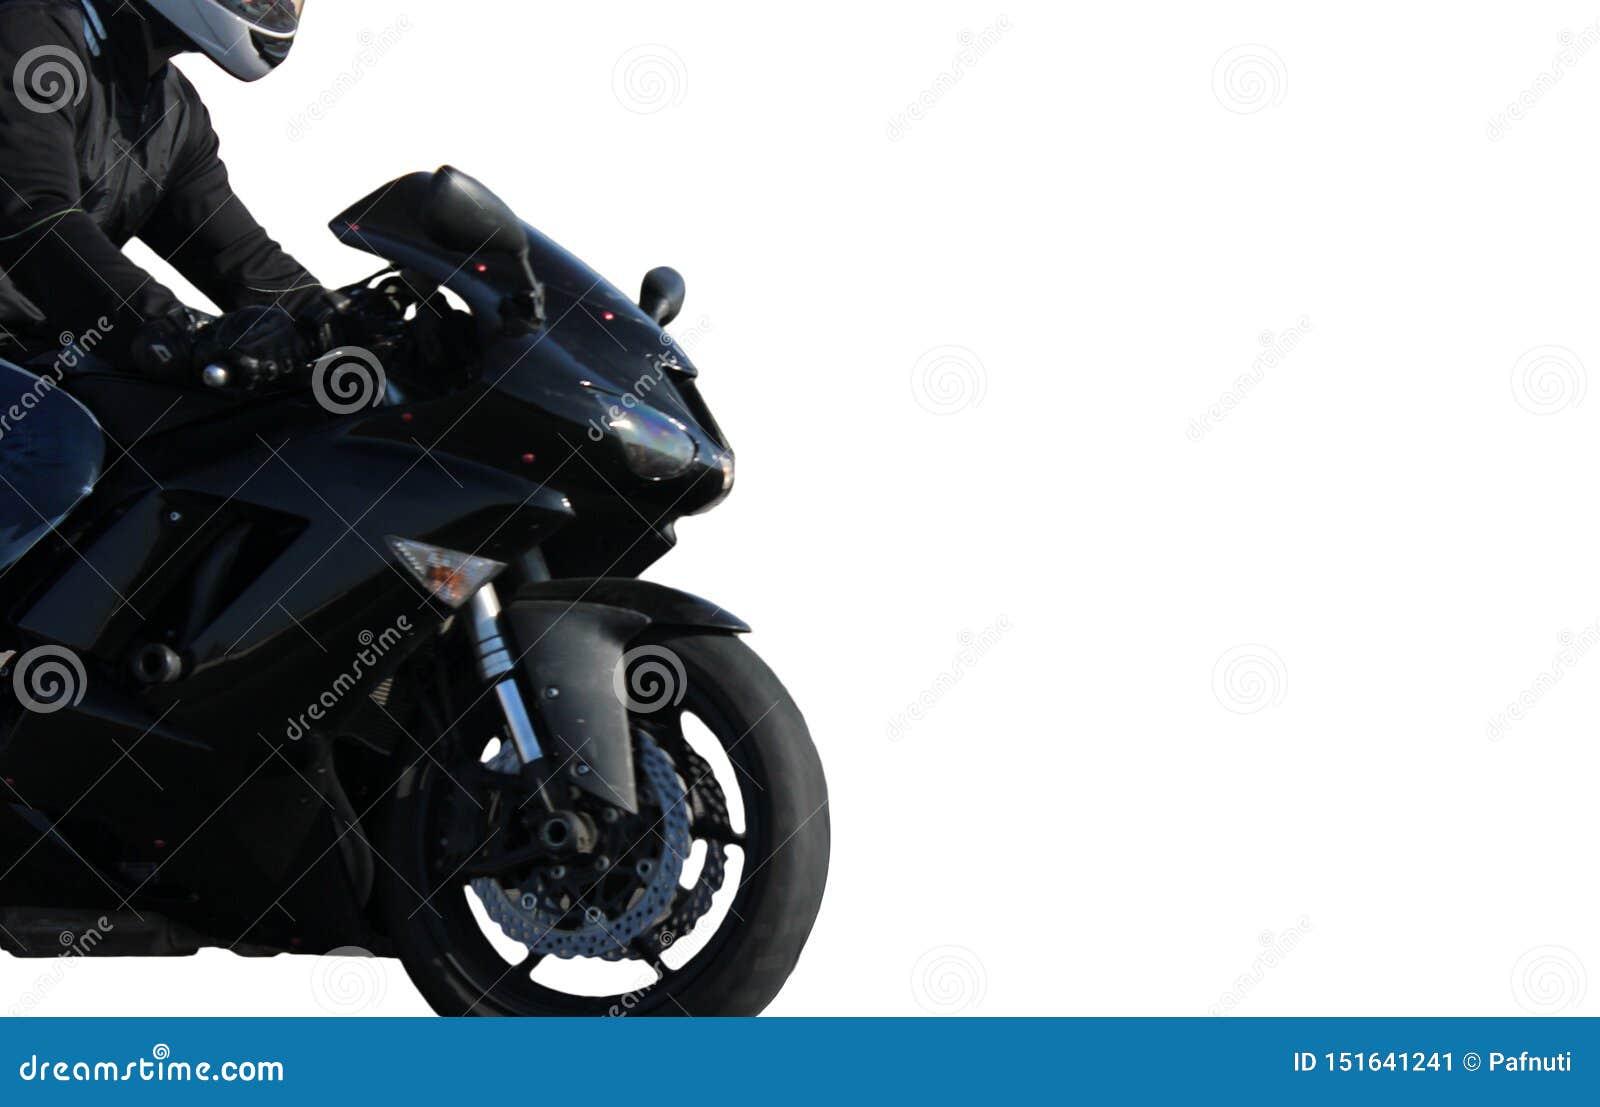 Motocyklista na czarnym sporta rowerze odizolowywającym na białym tle